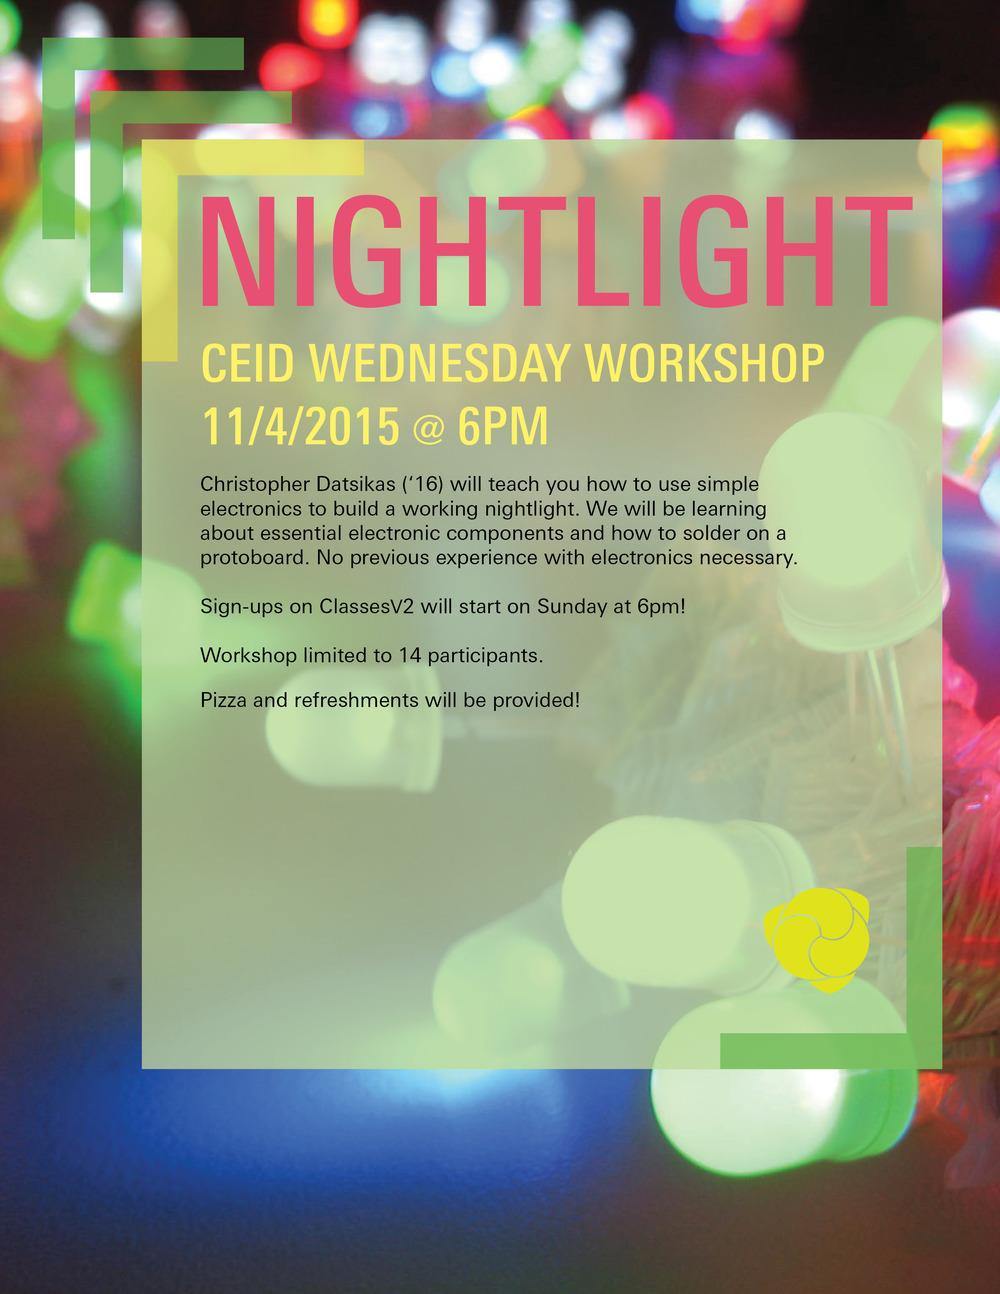 NightlightWorkshop2.jpg